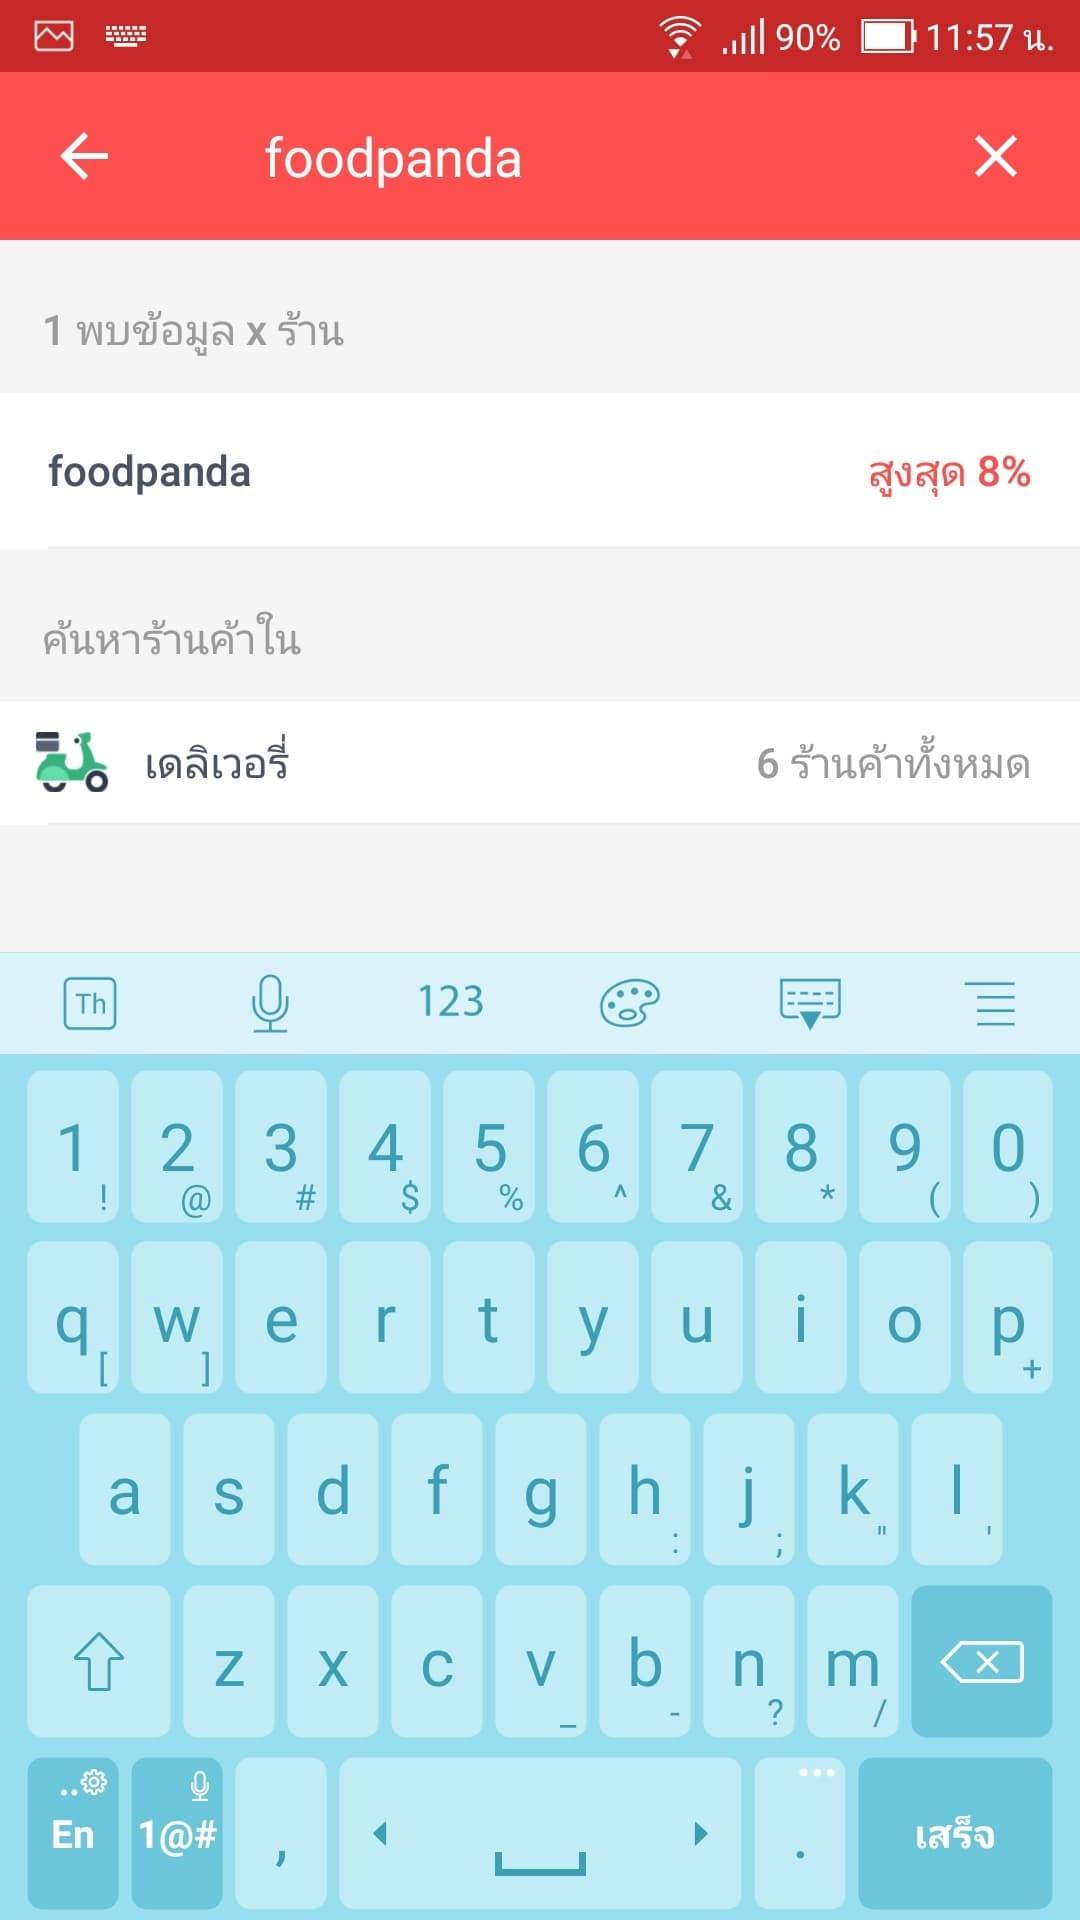 สั่งอาหารออนไลน์ foodpanda วิธีสั่งอาหาร foodpanda วิธีสั่งอาหาร ฟู้ดแพนด้า